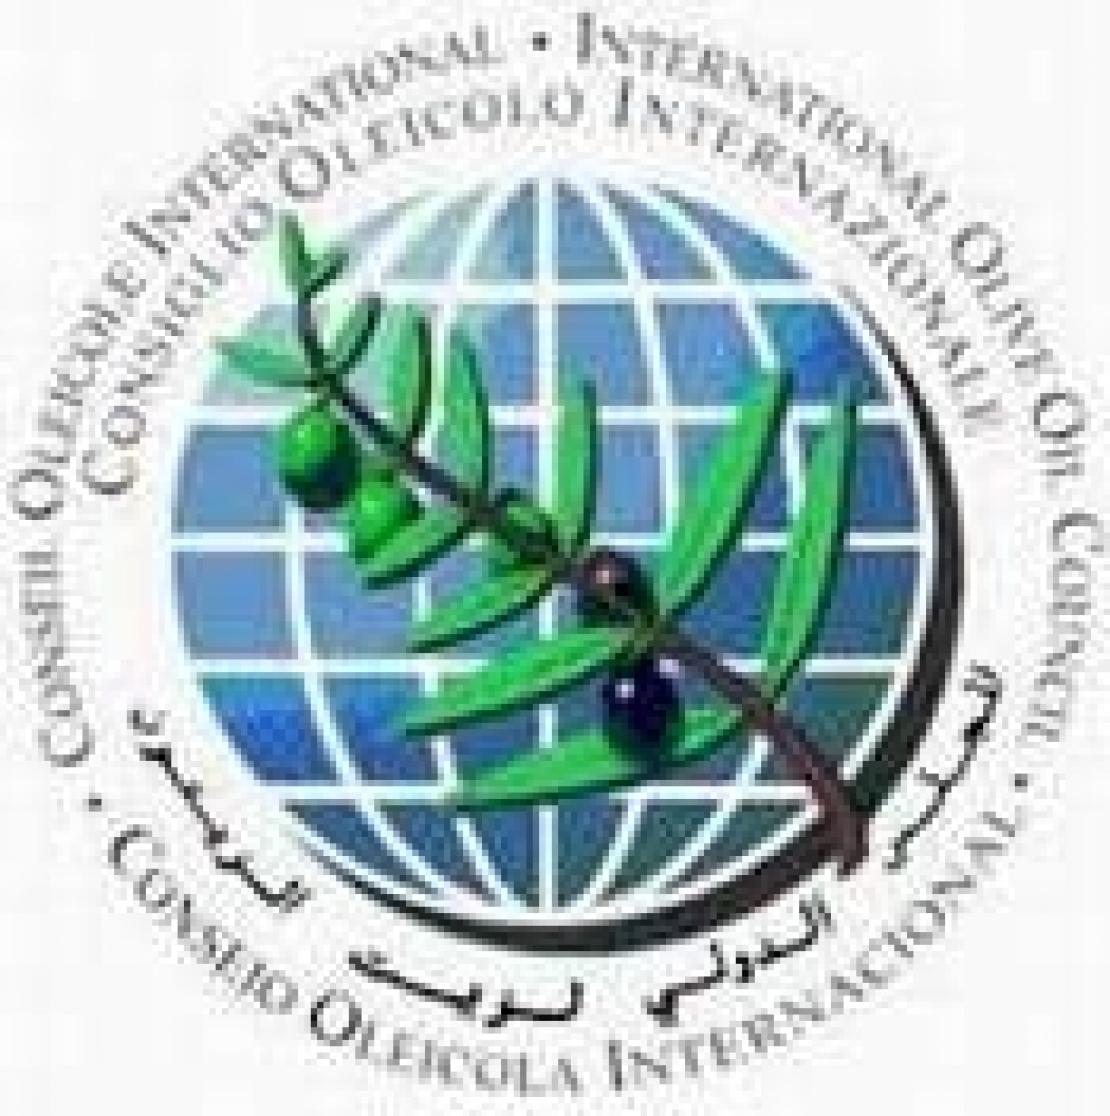 Il Consiglio oleicolo internazionale continuerà ad esistere